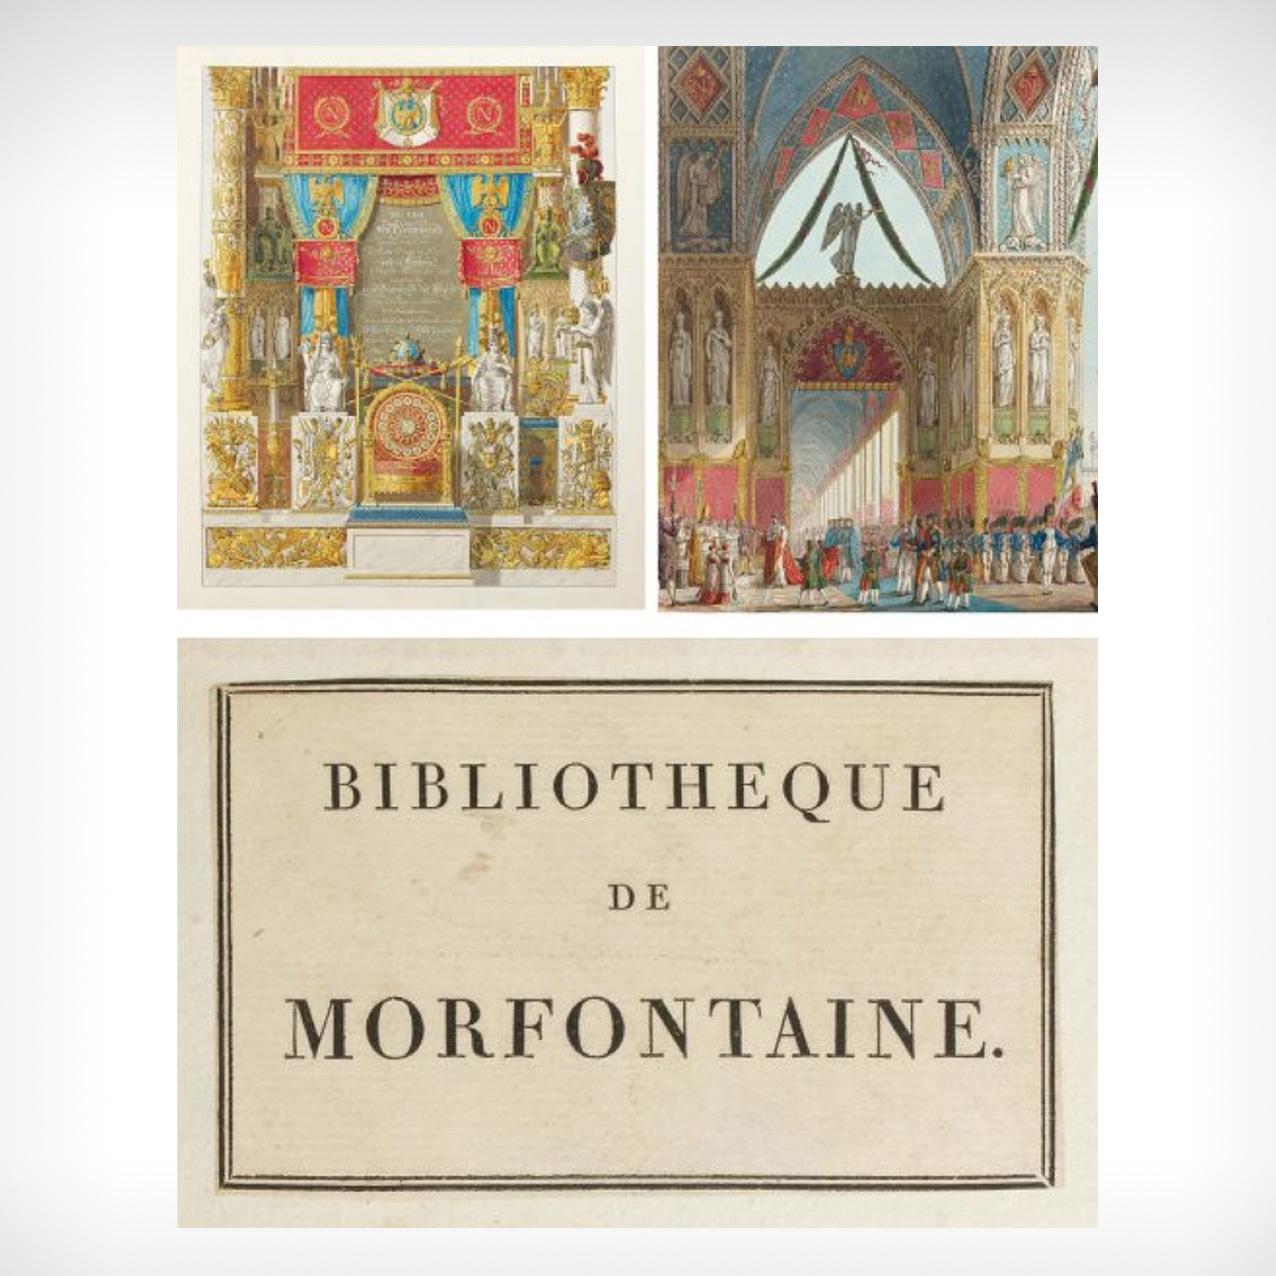 82000€ Ch. Percier et P.F.L. Fontaine, Description des cérémonies et des fêtes qui ont eu lieu pour le couronnement de leurs majestés Napoléon (…) e